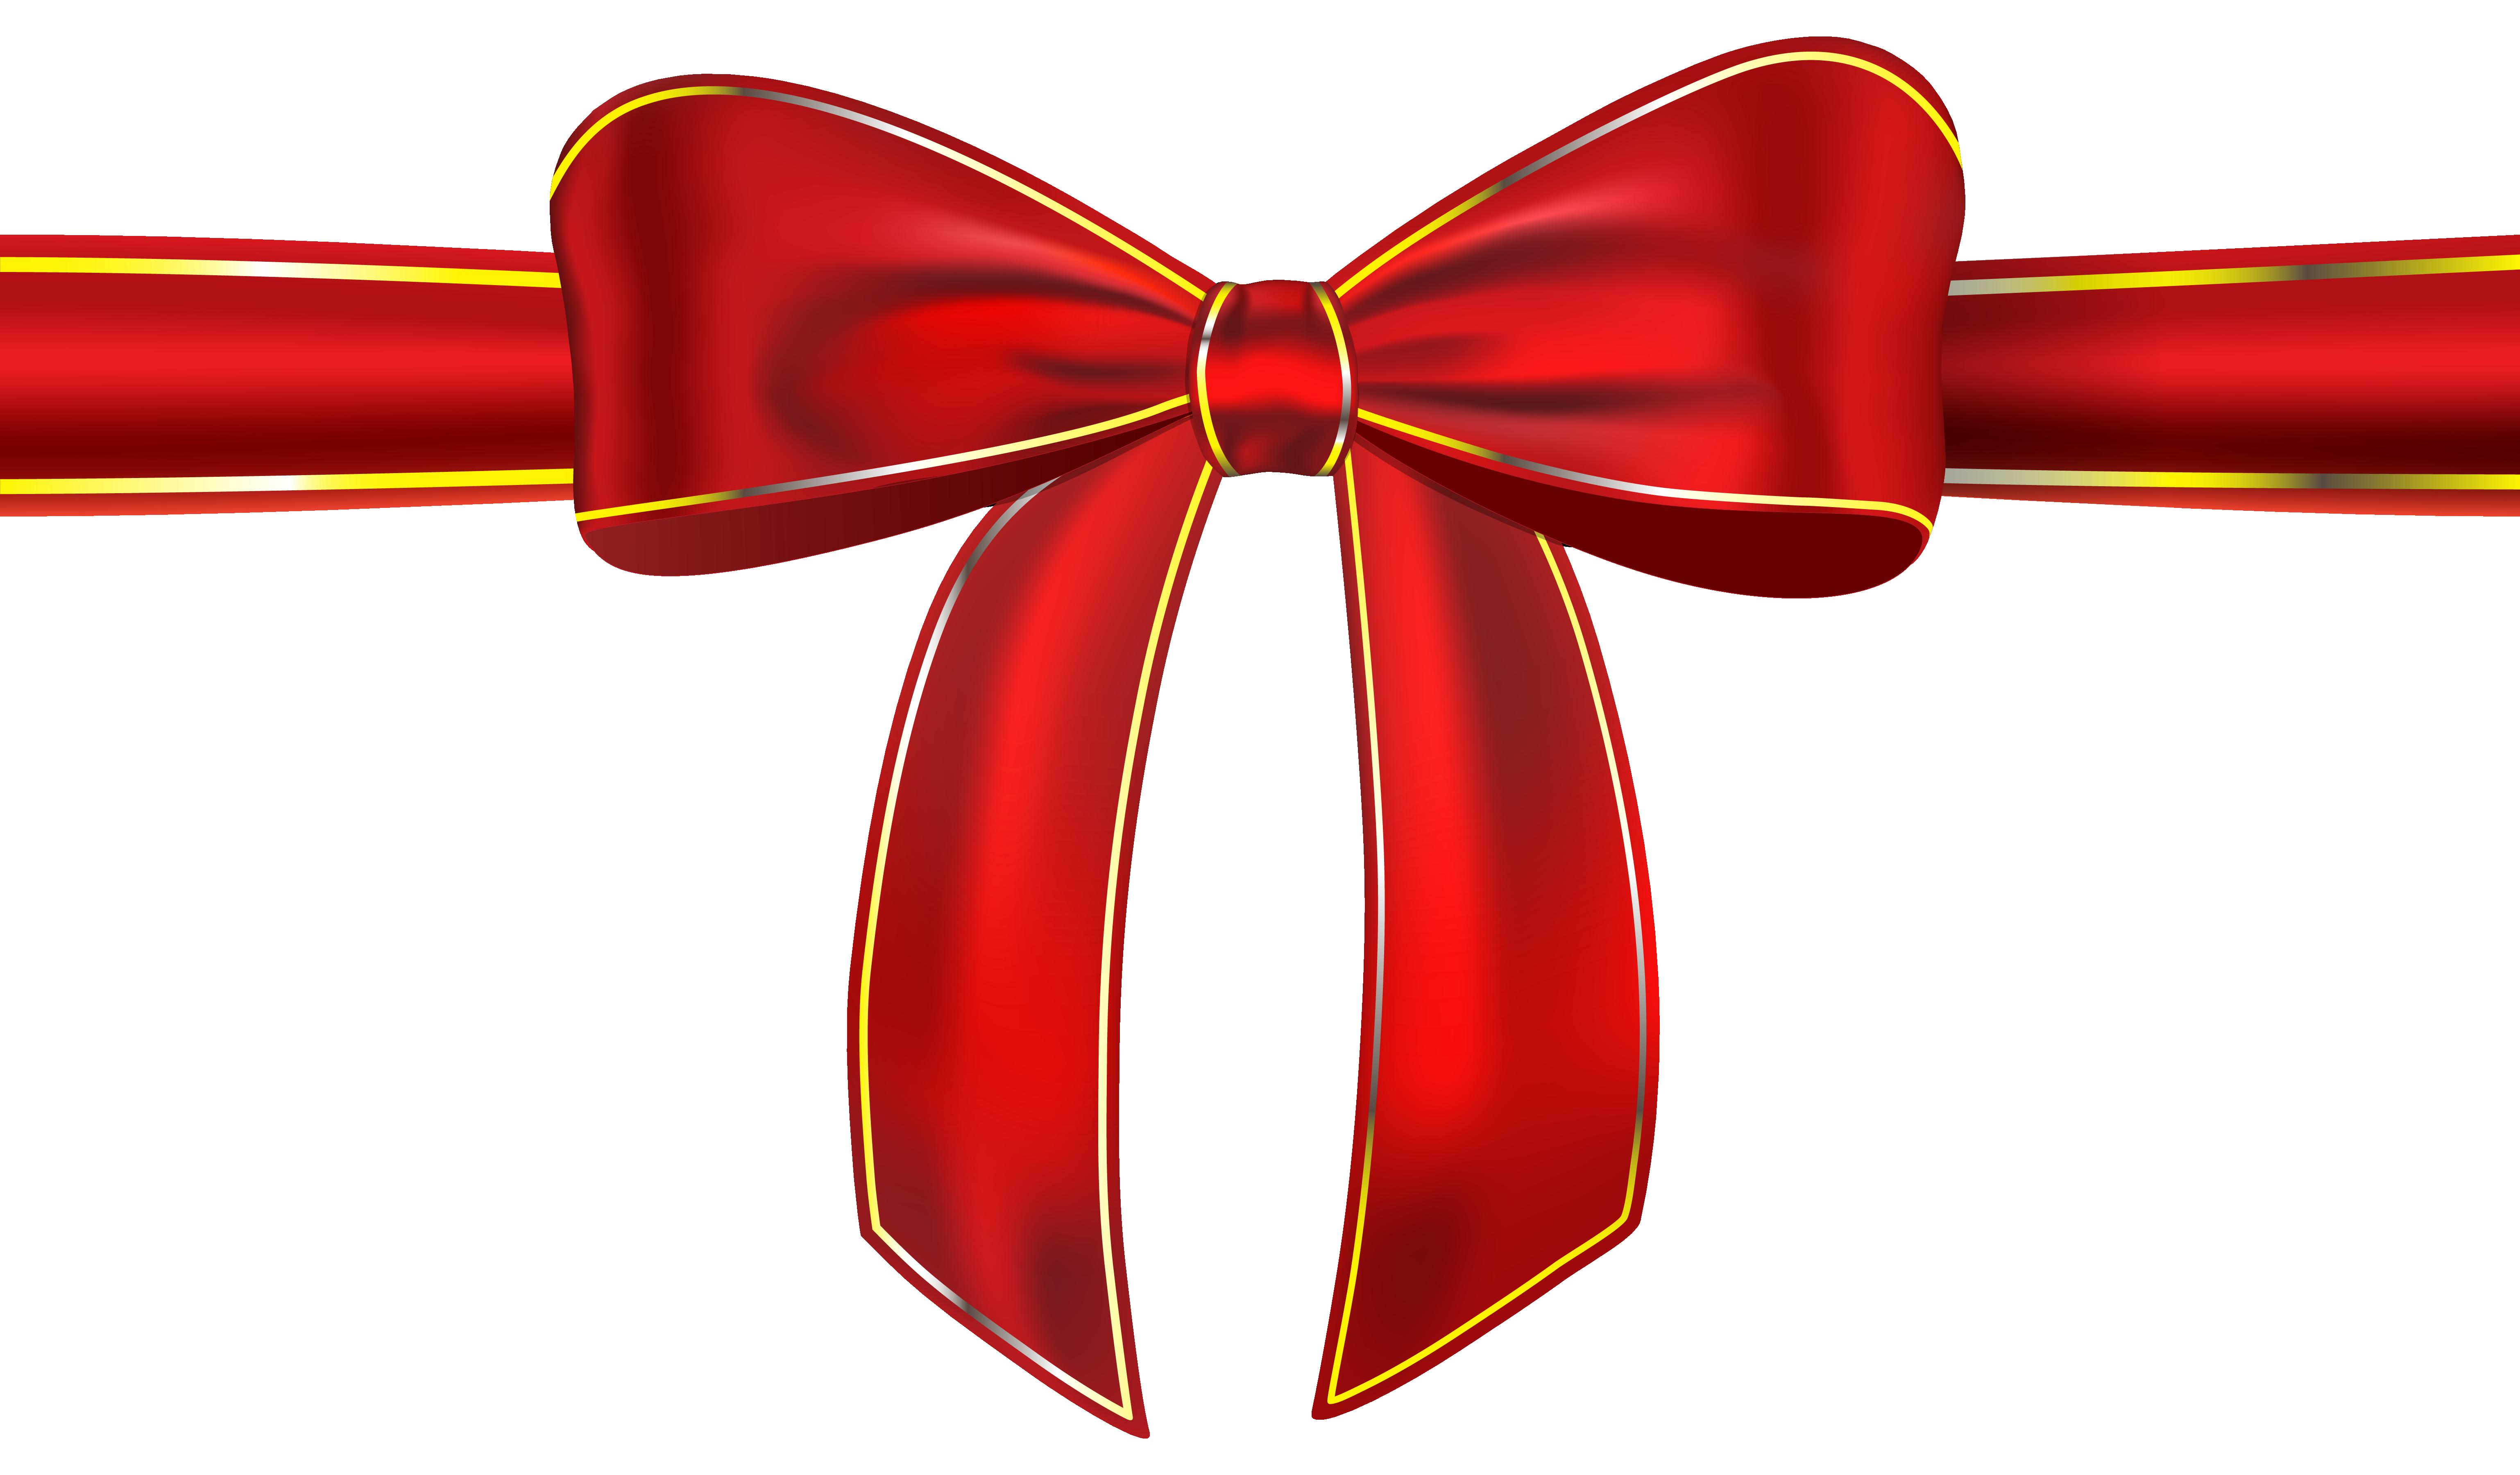 Cloth Ribbon Photo Png Red Gift Christmas Bows Ribbon Bows